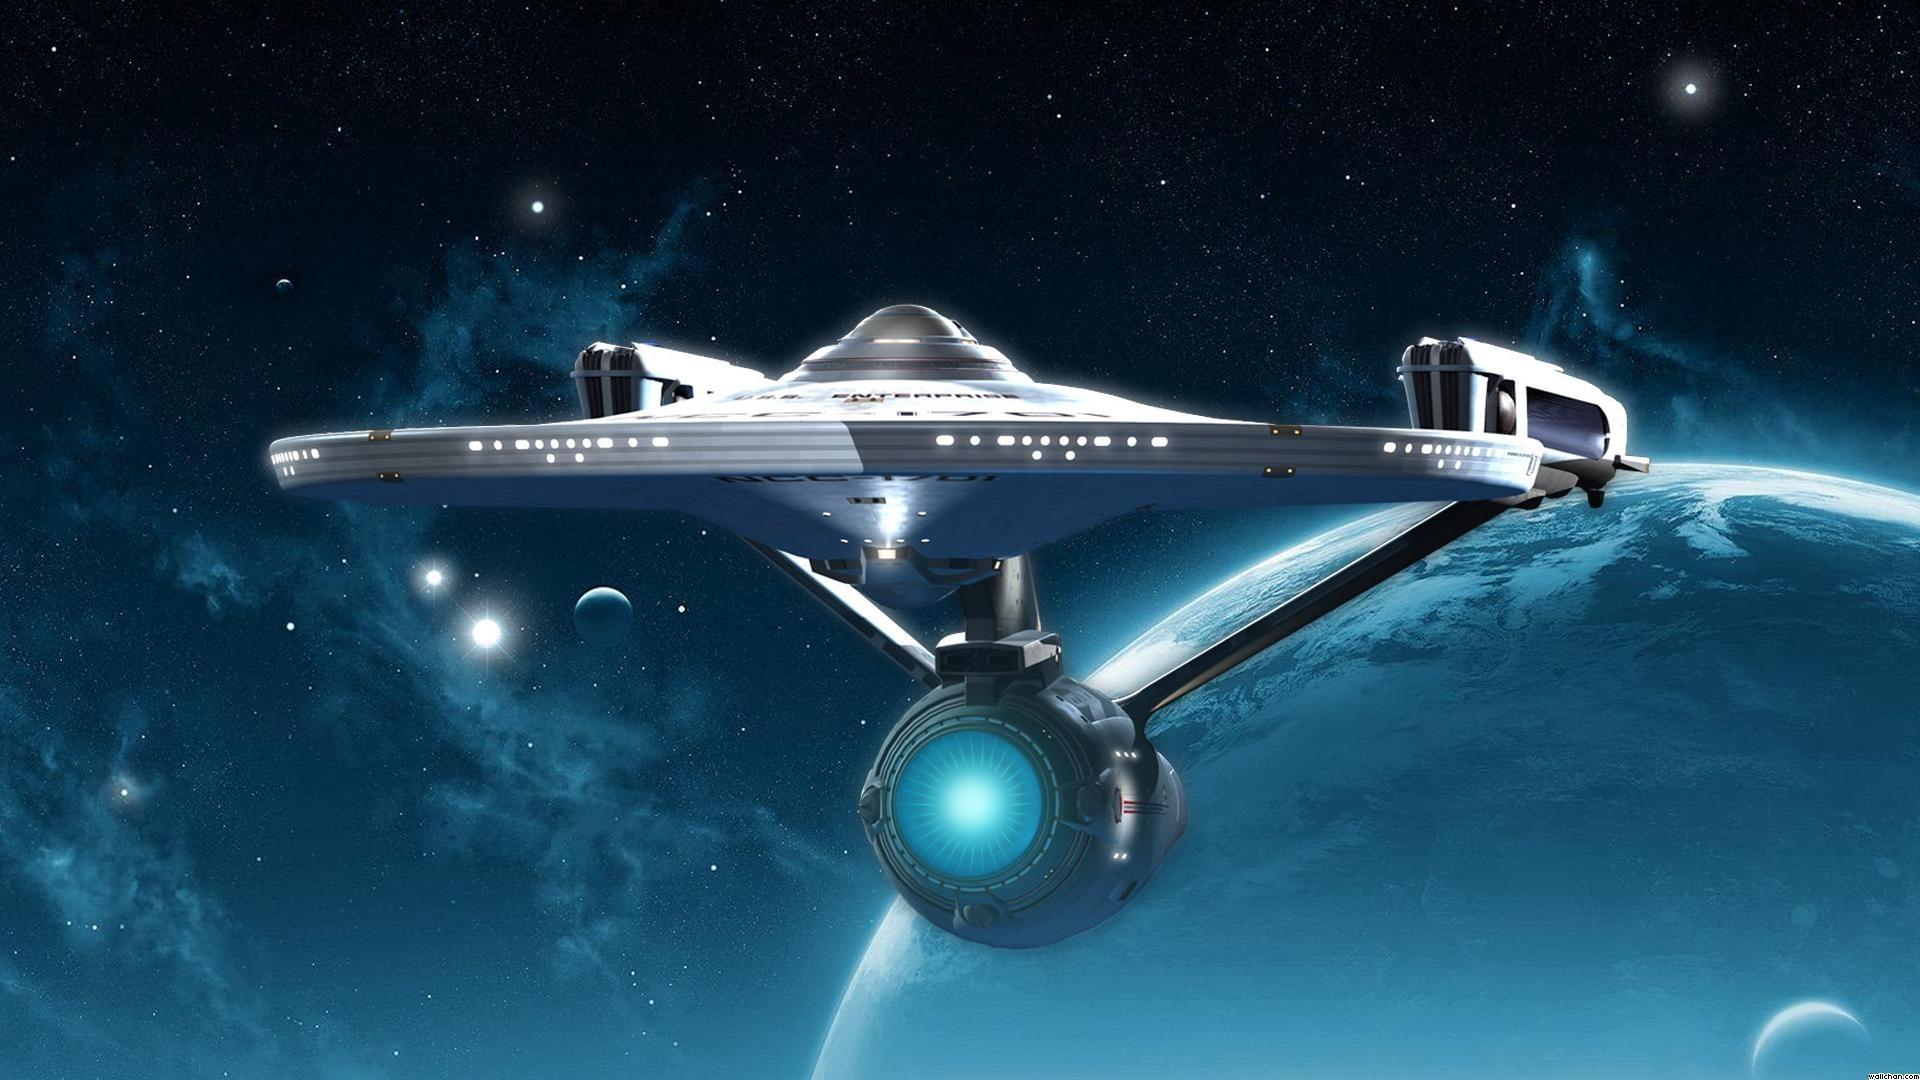 10 Top Star Trek Uss Enterprise Wallpaper FULL HD 1920×1080 For PC Background